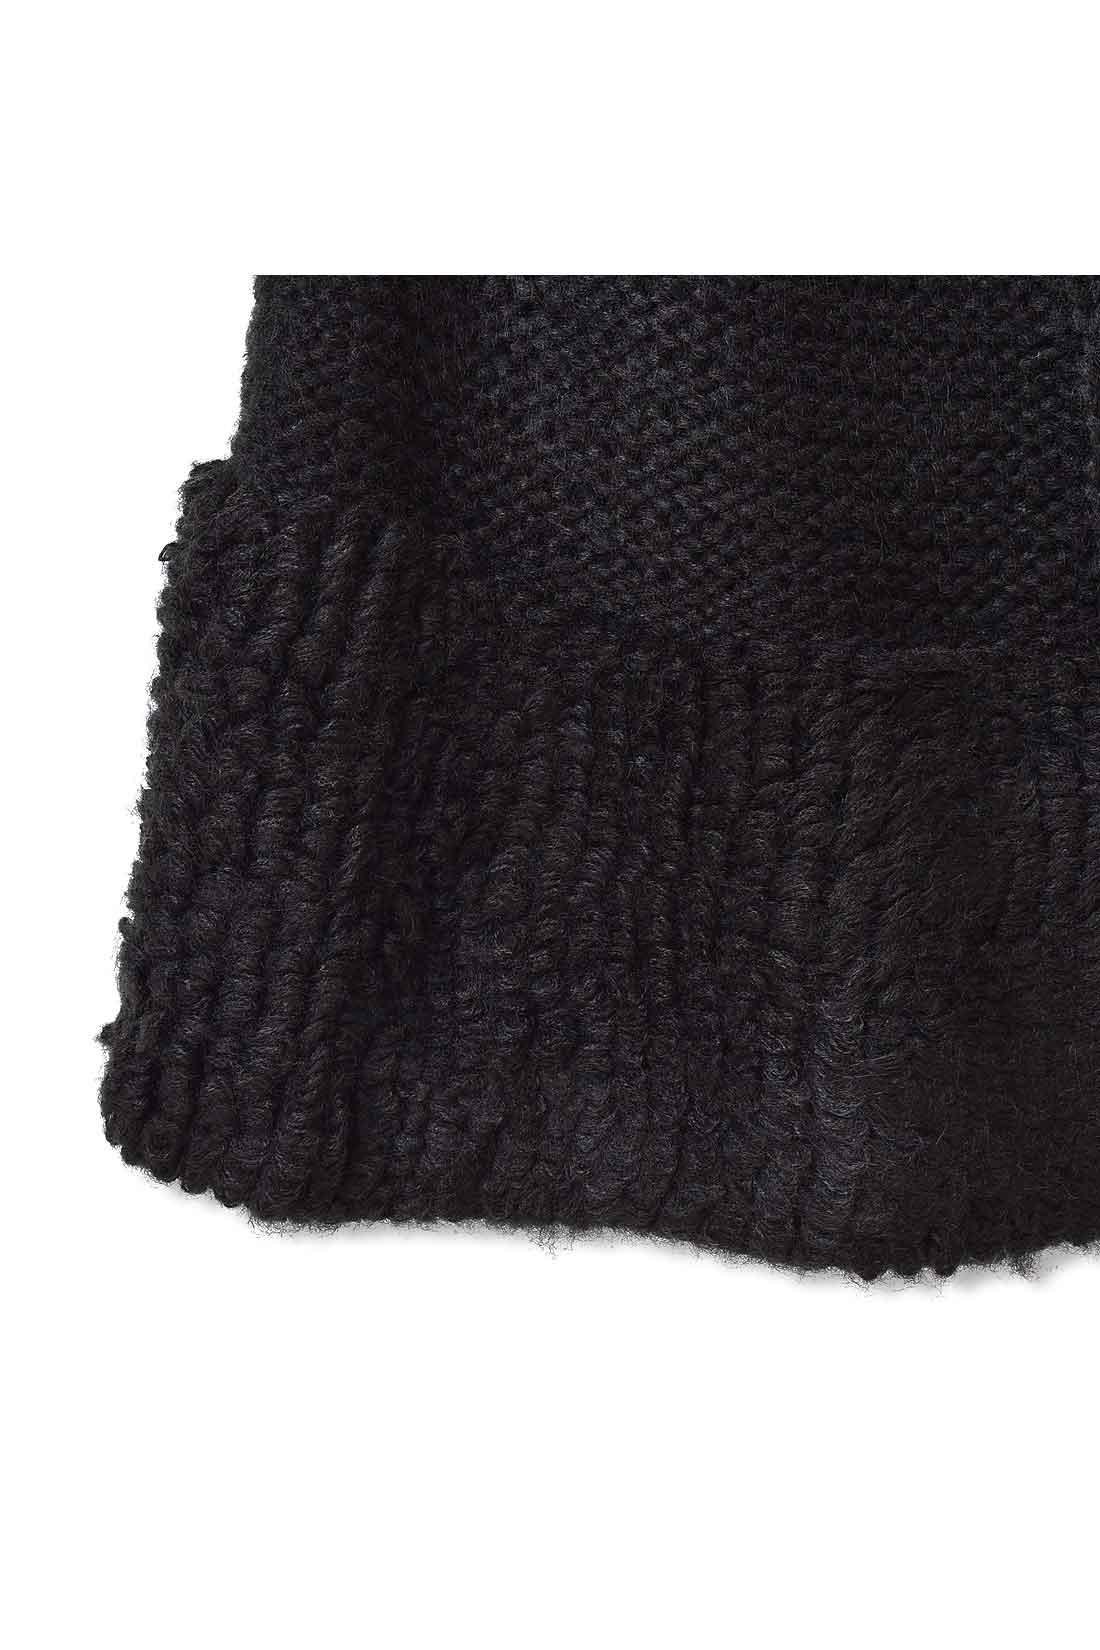 すそと袖口はループ状の編み地でボリュームを。